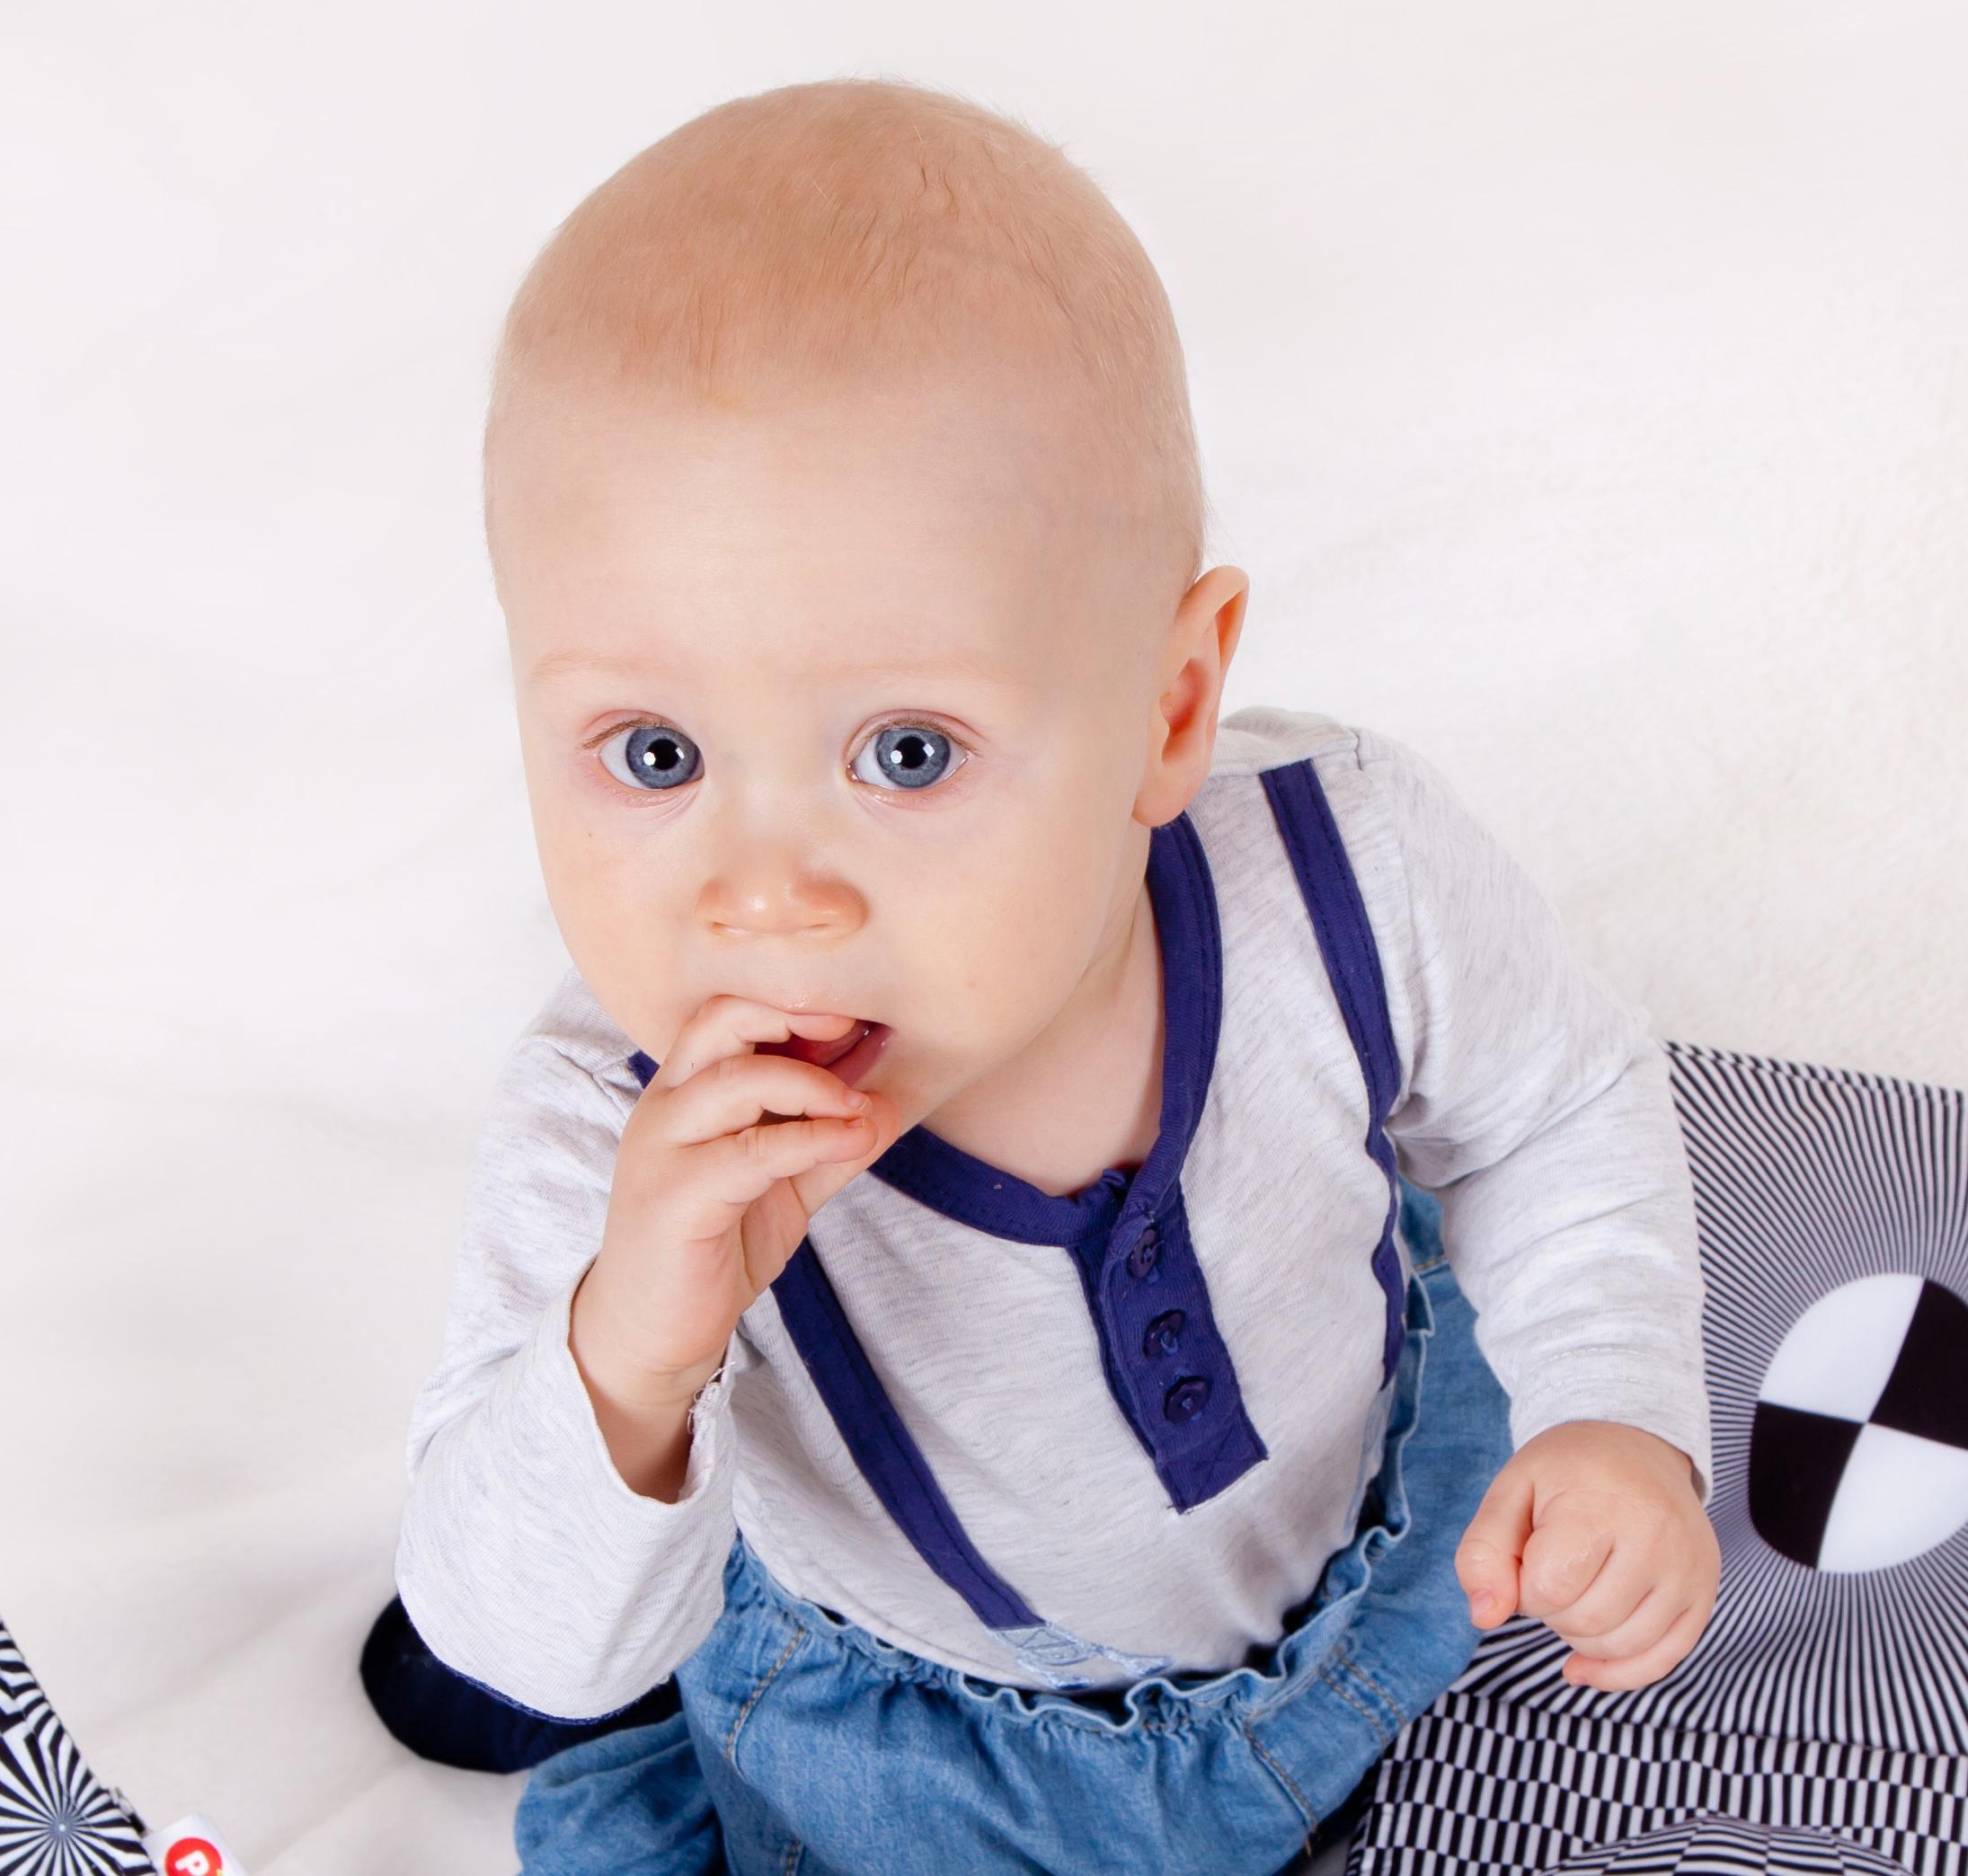 child-304520933